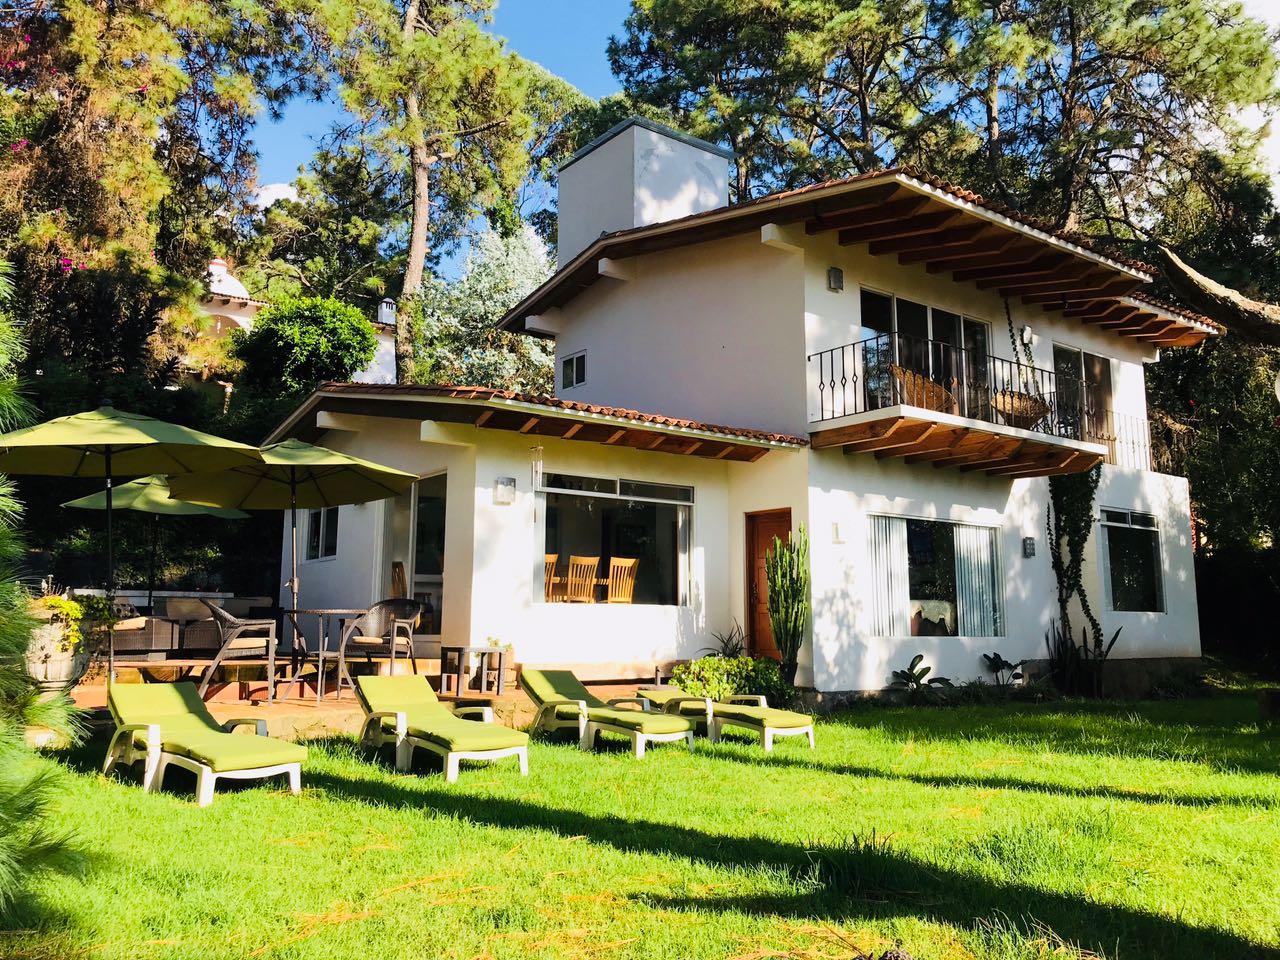 Renta de casa en centro tenango del valle goplaceit - Alquiler casas parets del valles ...